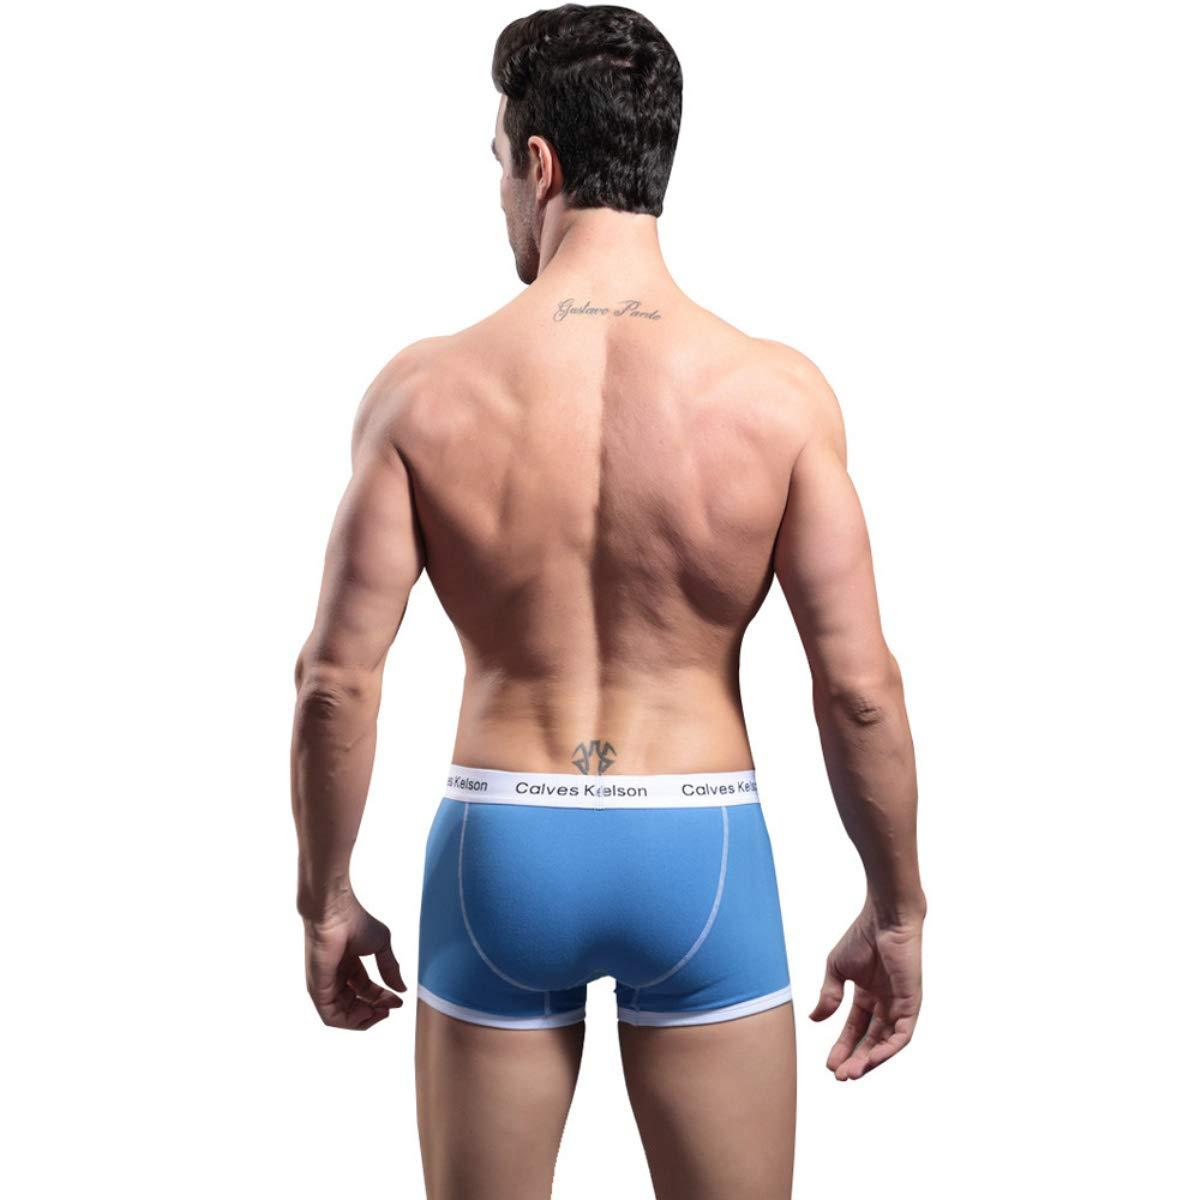 BaZhaHei-Productos para adultos, Ropa Interior para Hombres Calzoncillos para Boxeadores Calzoncillos con Cremallera Calzoncillos Blandos del Calzoncillos ...